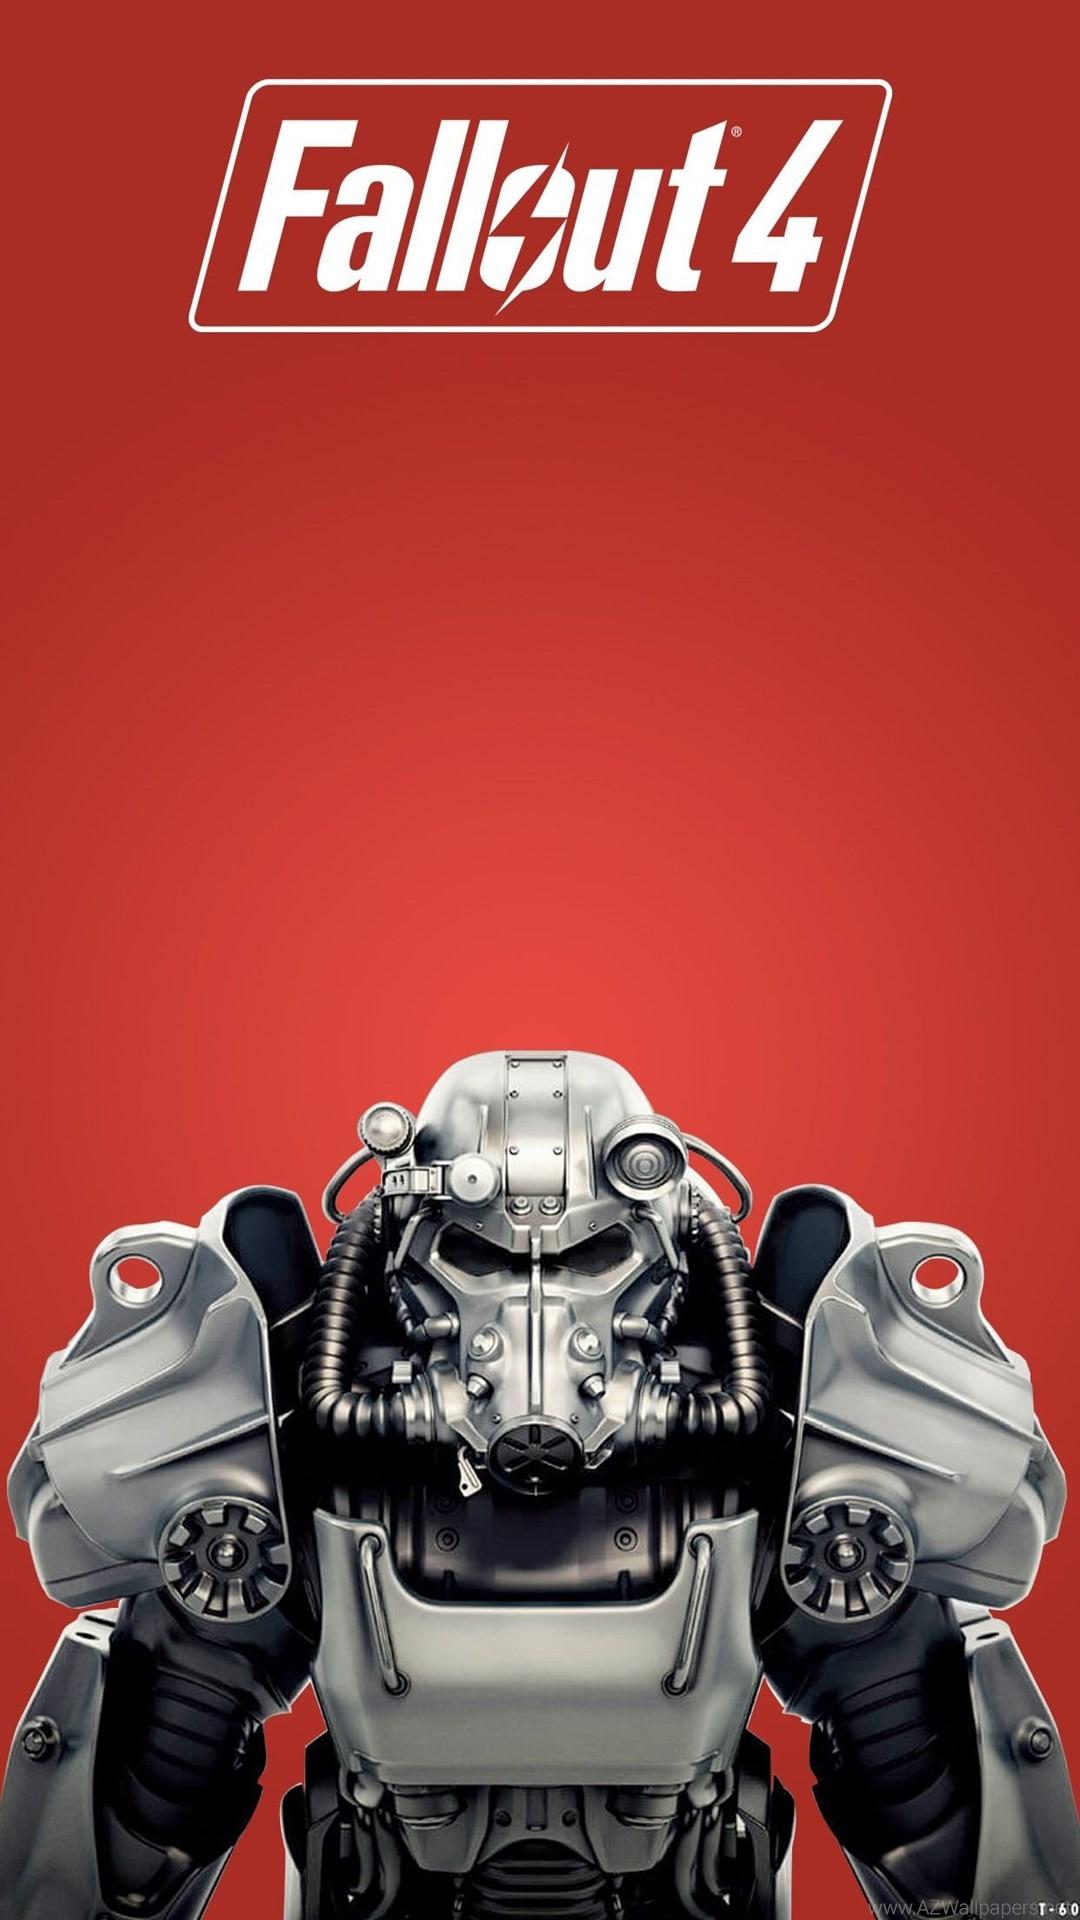 Fallout 3 Phone Wallpaper – WallpaperSafari